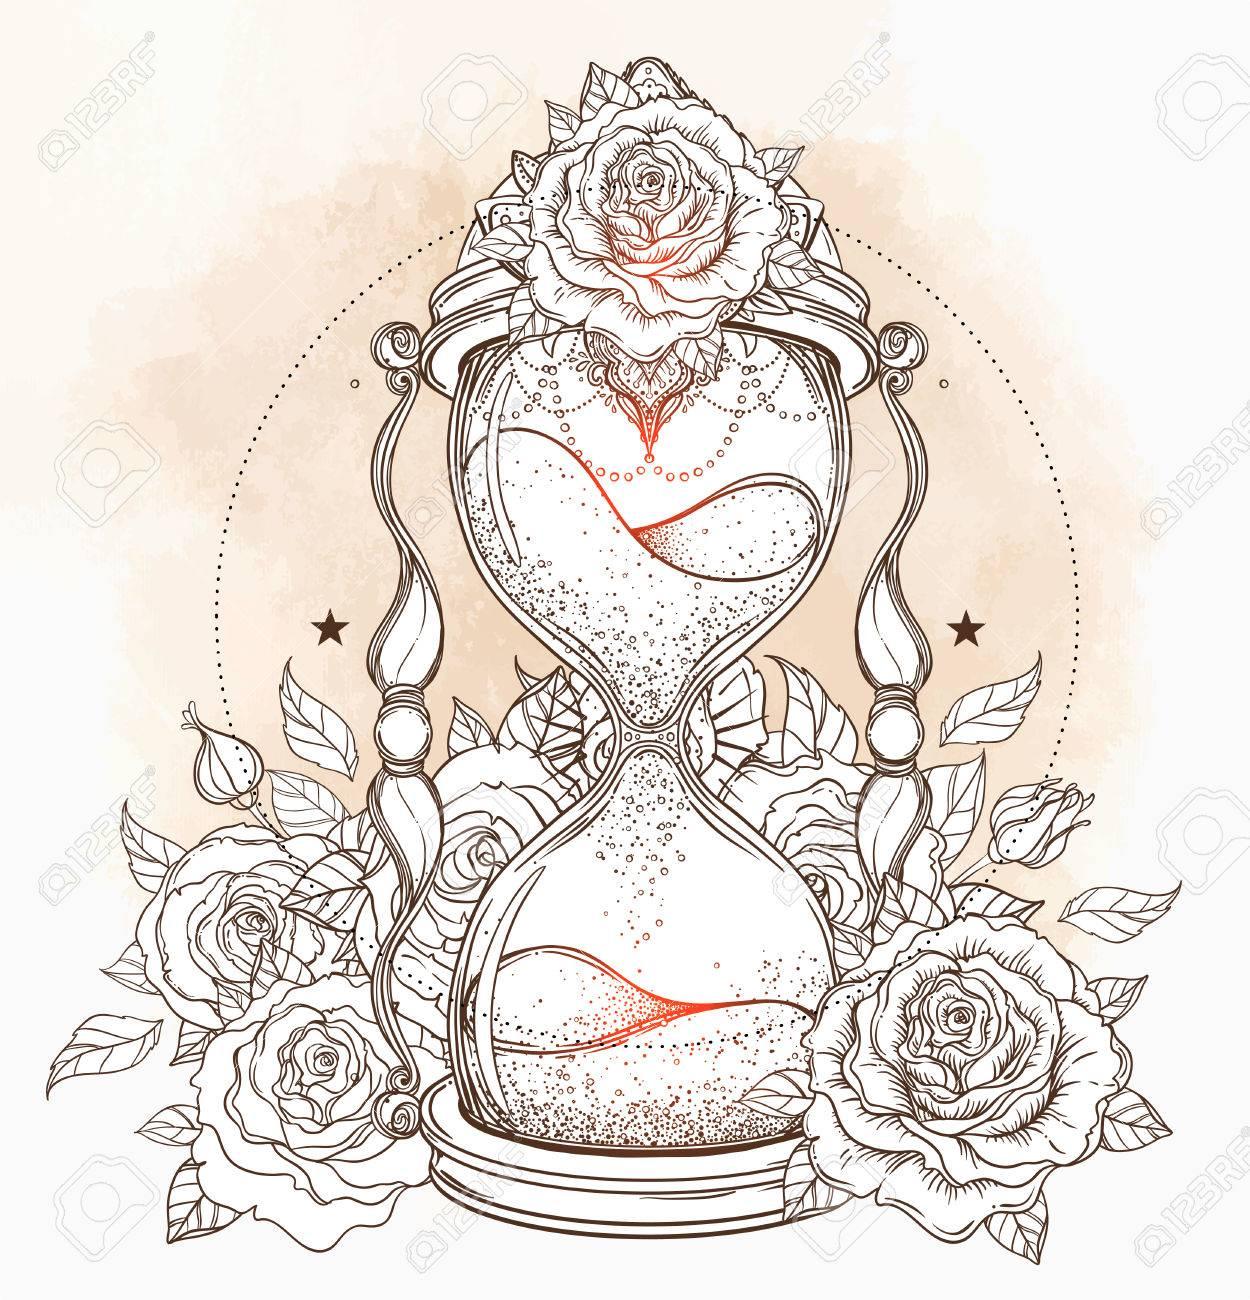 Reloj De Arena Antiguo Decorativo Con Ilustración Rosas Aislado En Blanco Dibujado A Mano Vector De Arte Bosquejo Para El Tatuaje Del Puntowork